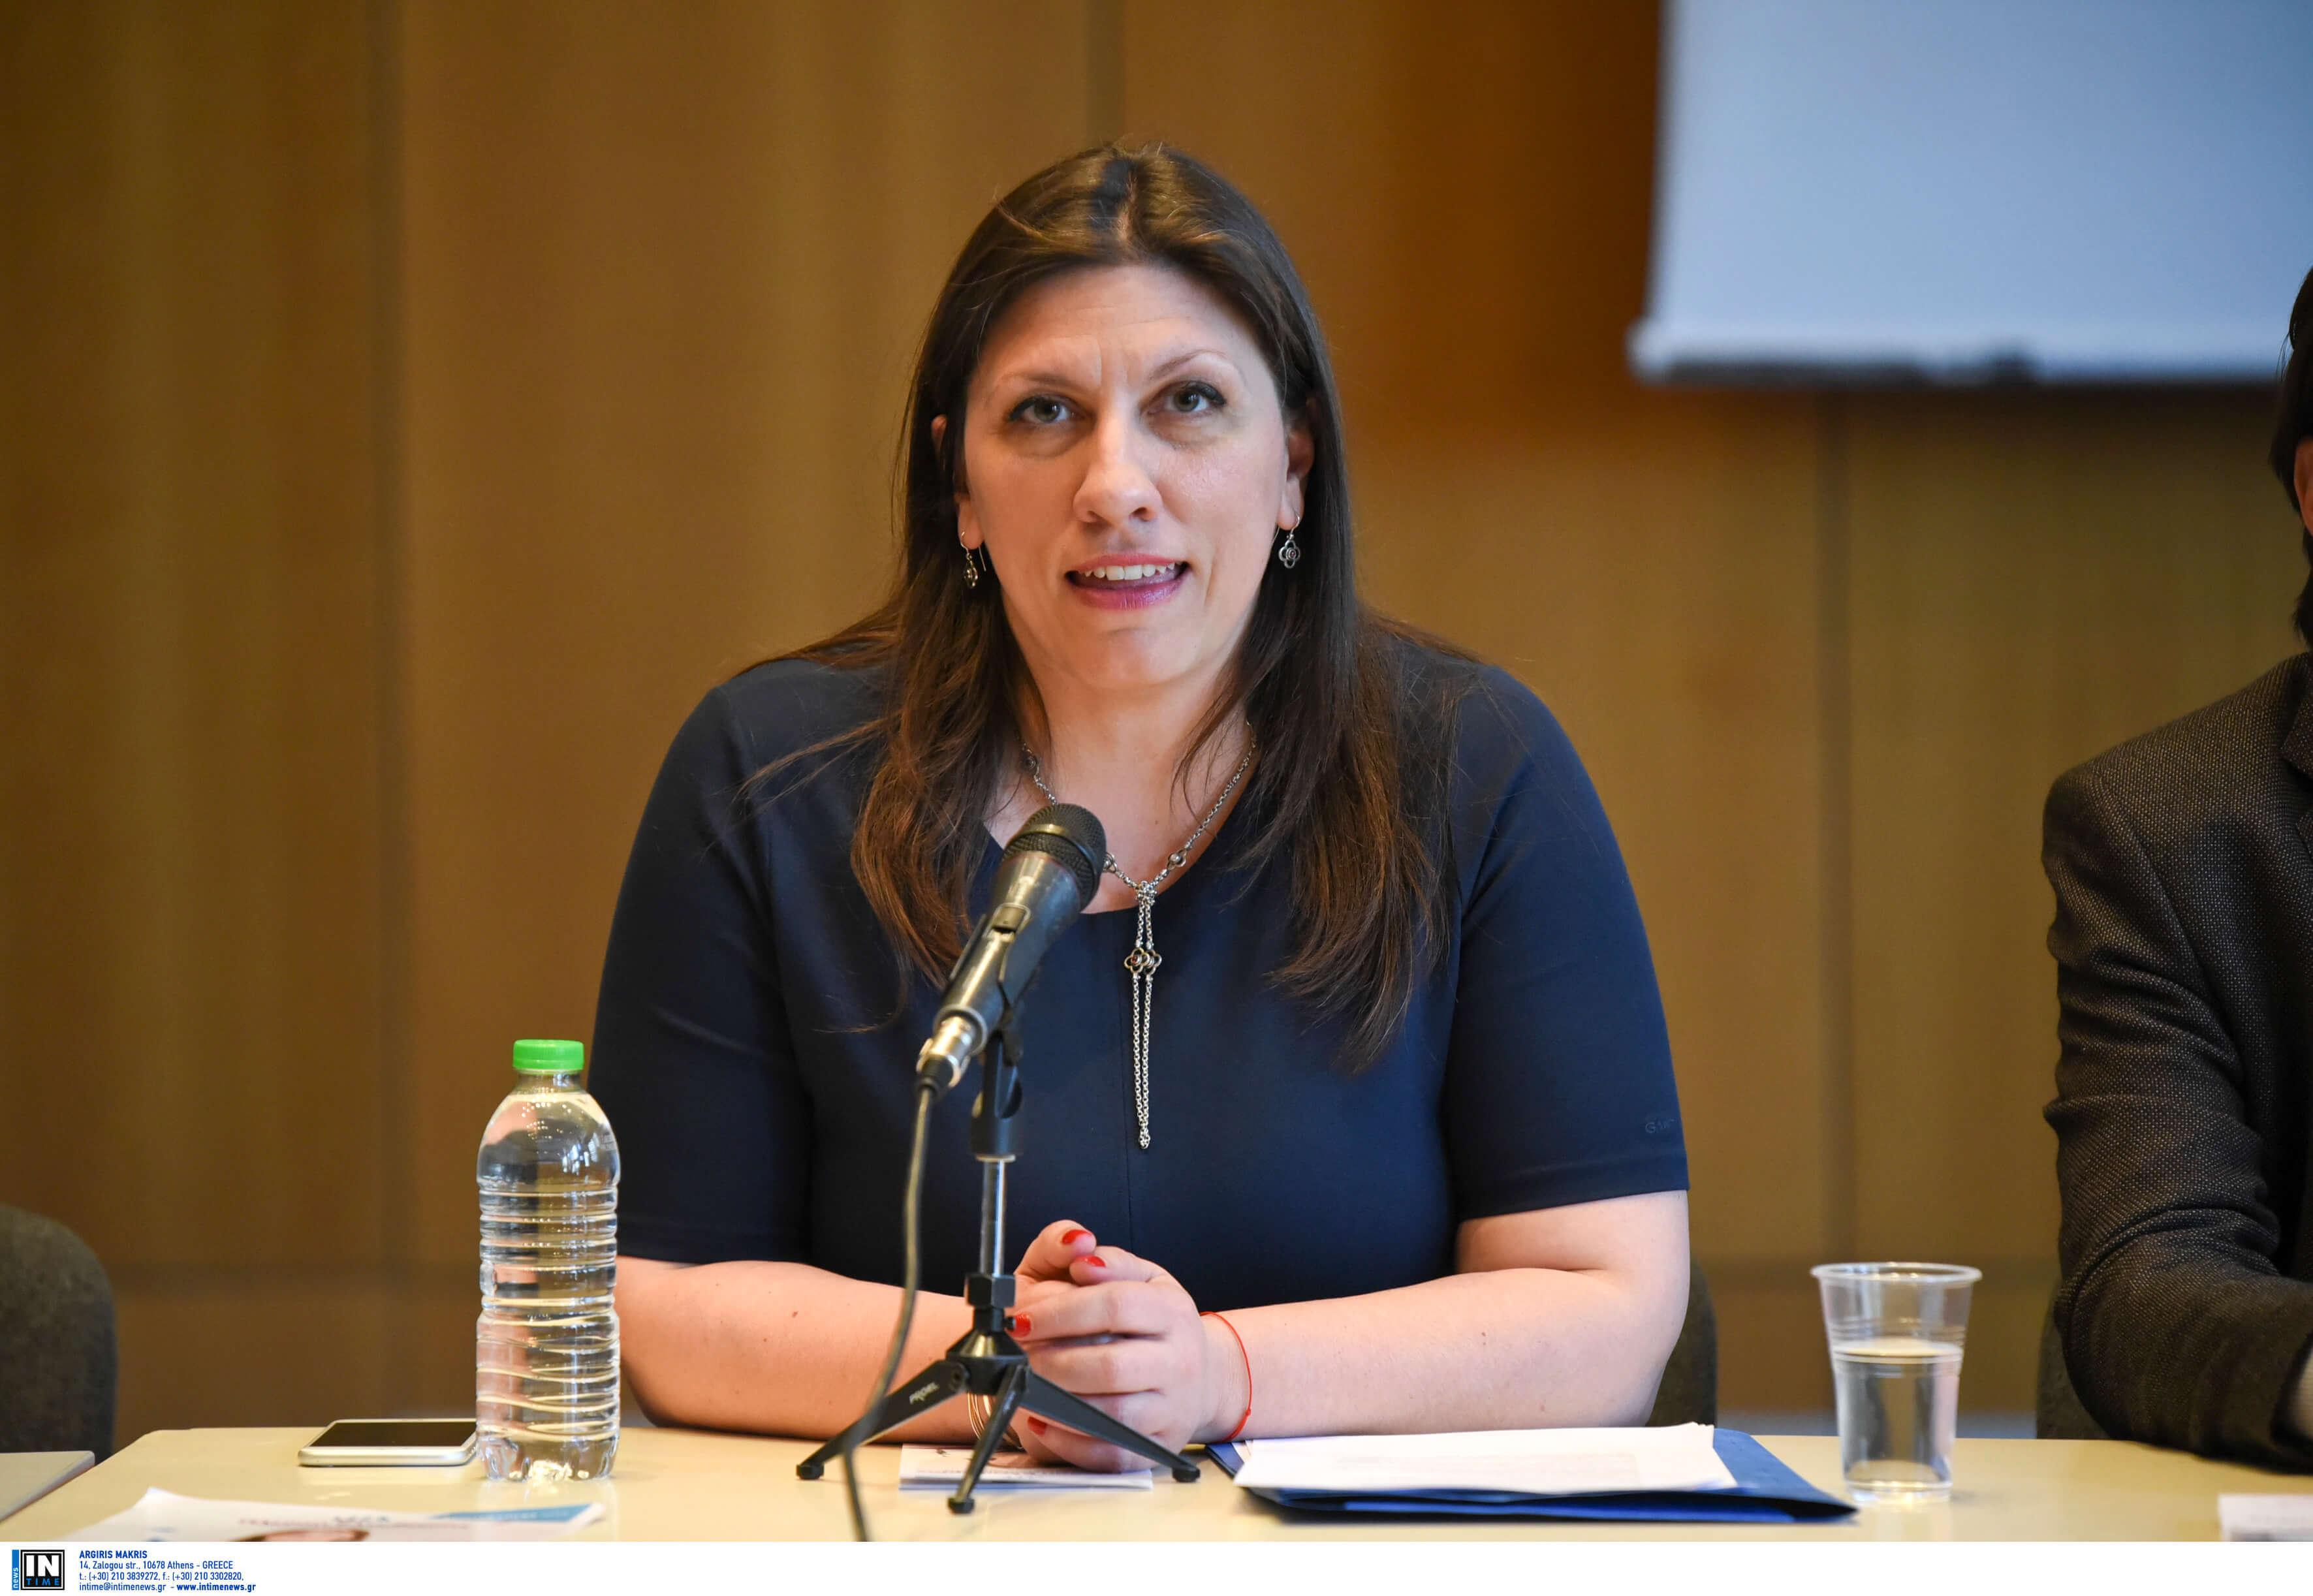 Ζωή Κωνσταντοπούλου: Όχι σε συνεργασία με Βαρουφάκη - Η κυβέρνηση φεύγει με τον πιο ατιμωτικό τρόπο! video